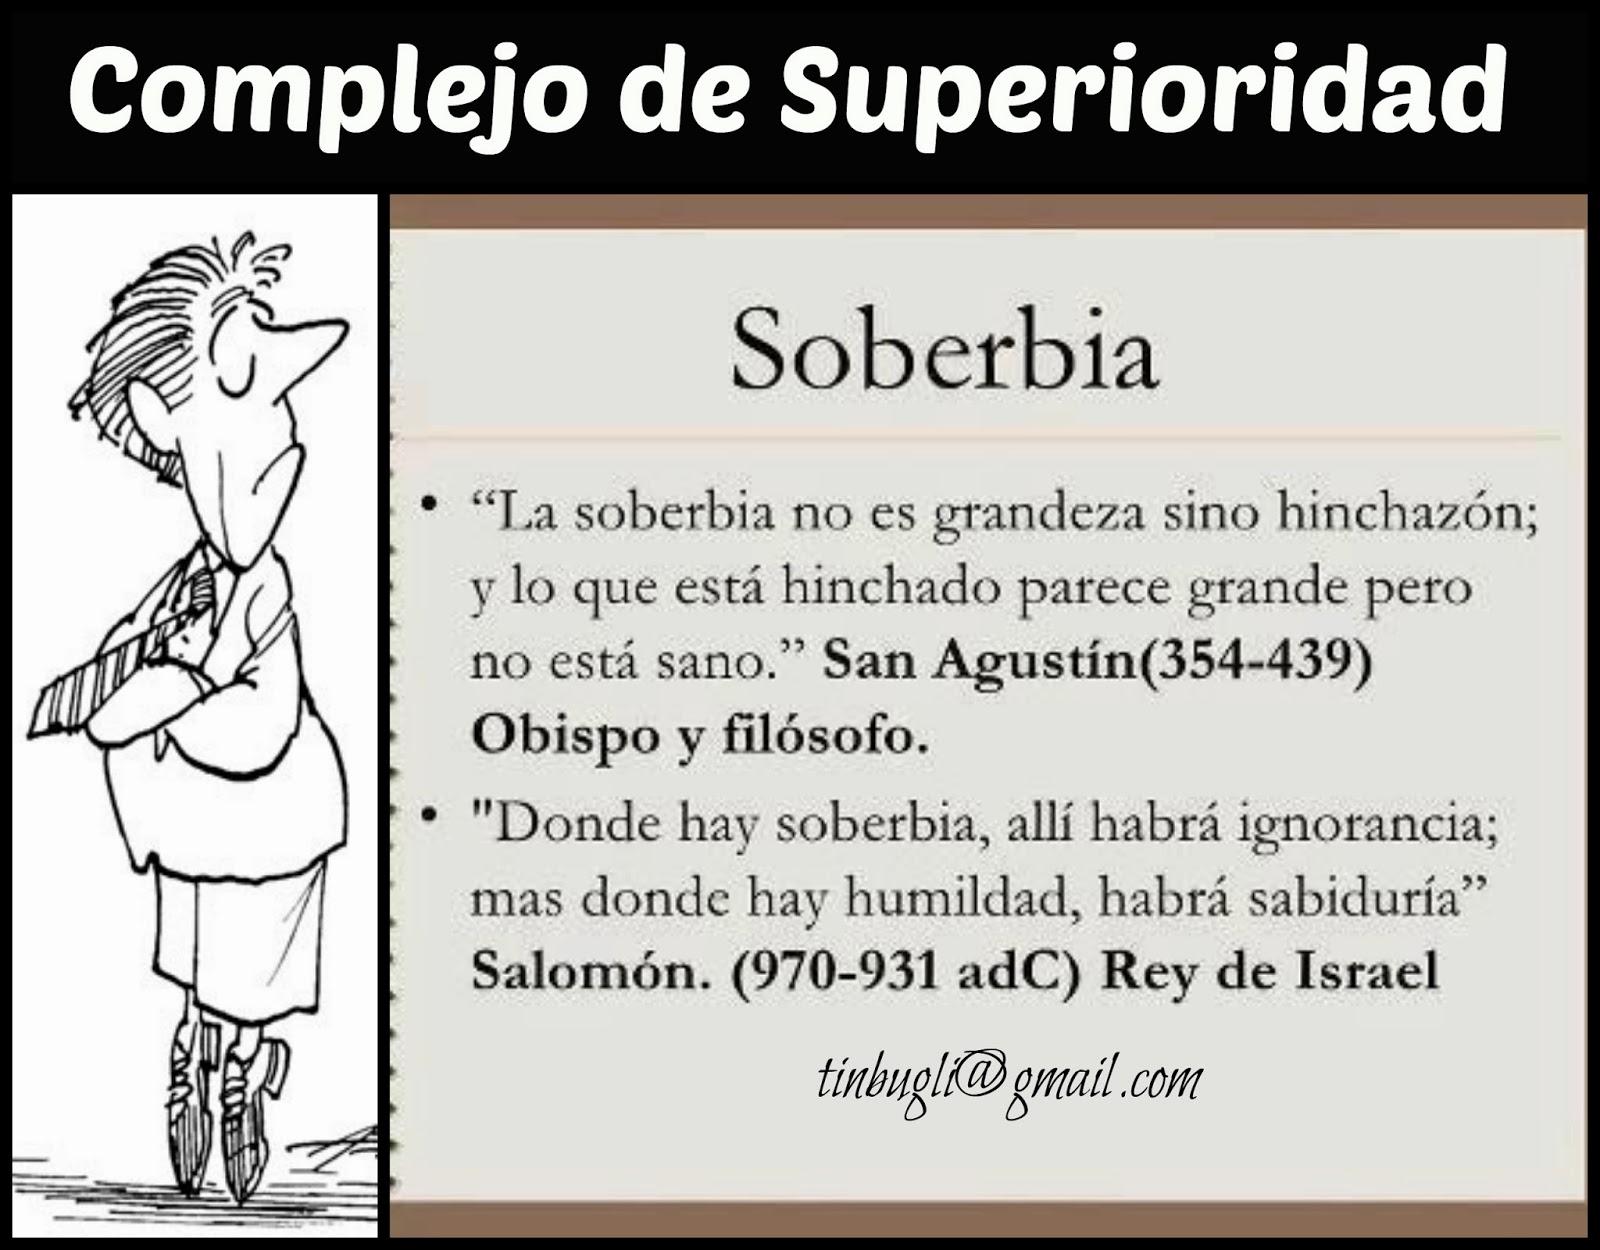 COMPLEJO DE SUPERIORIDAD EBOOK